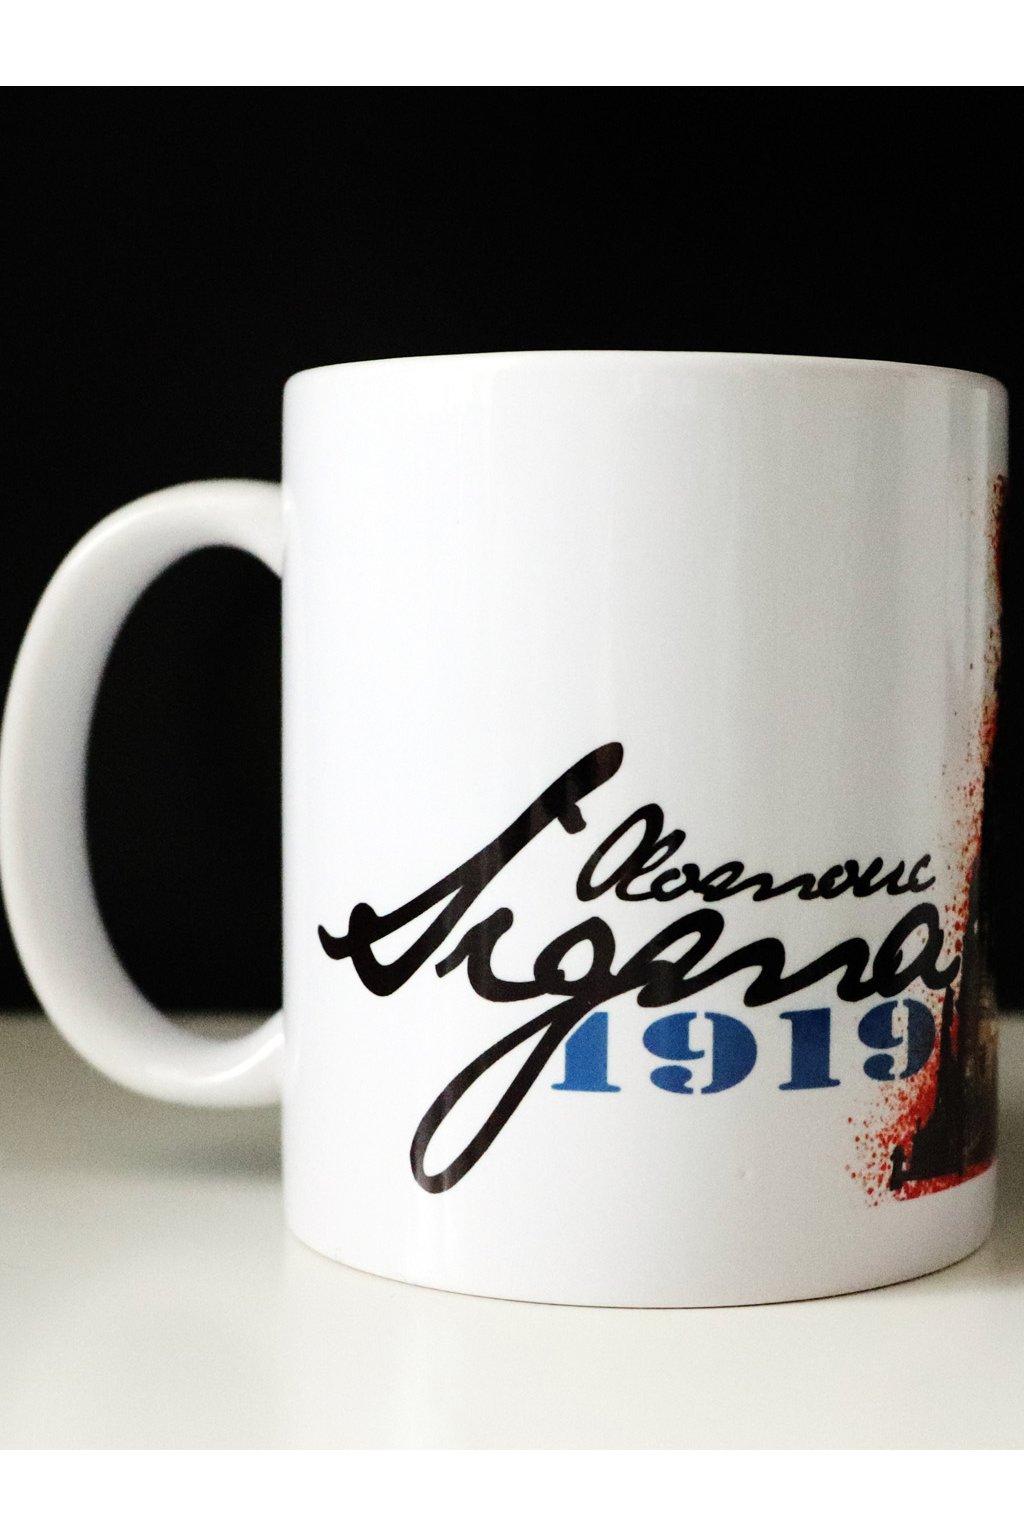 1919+1955 1 vyska